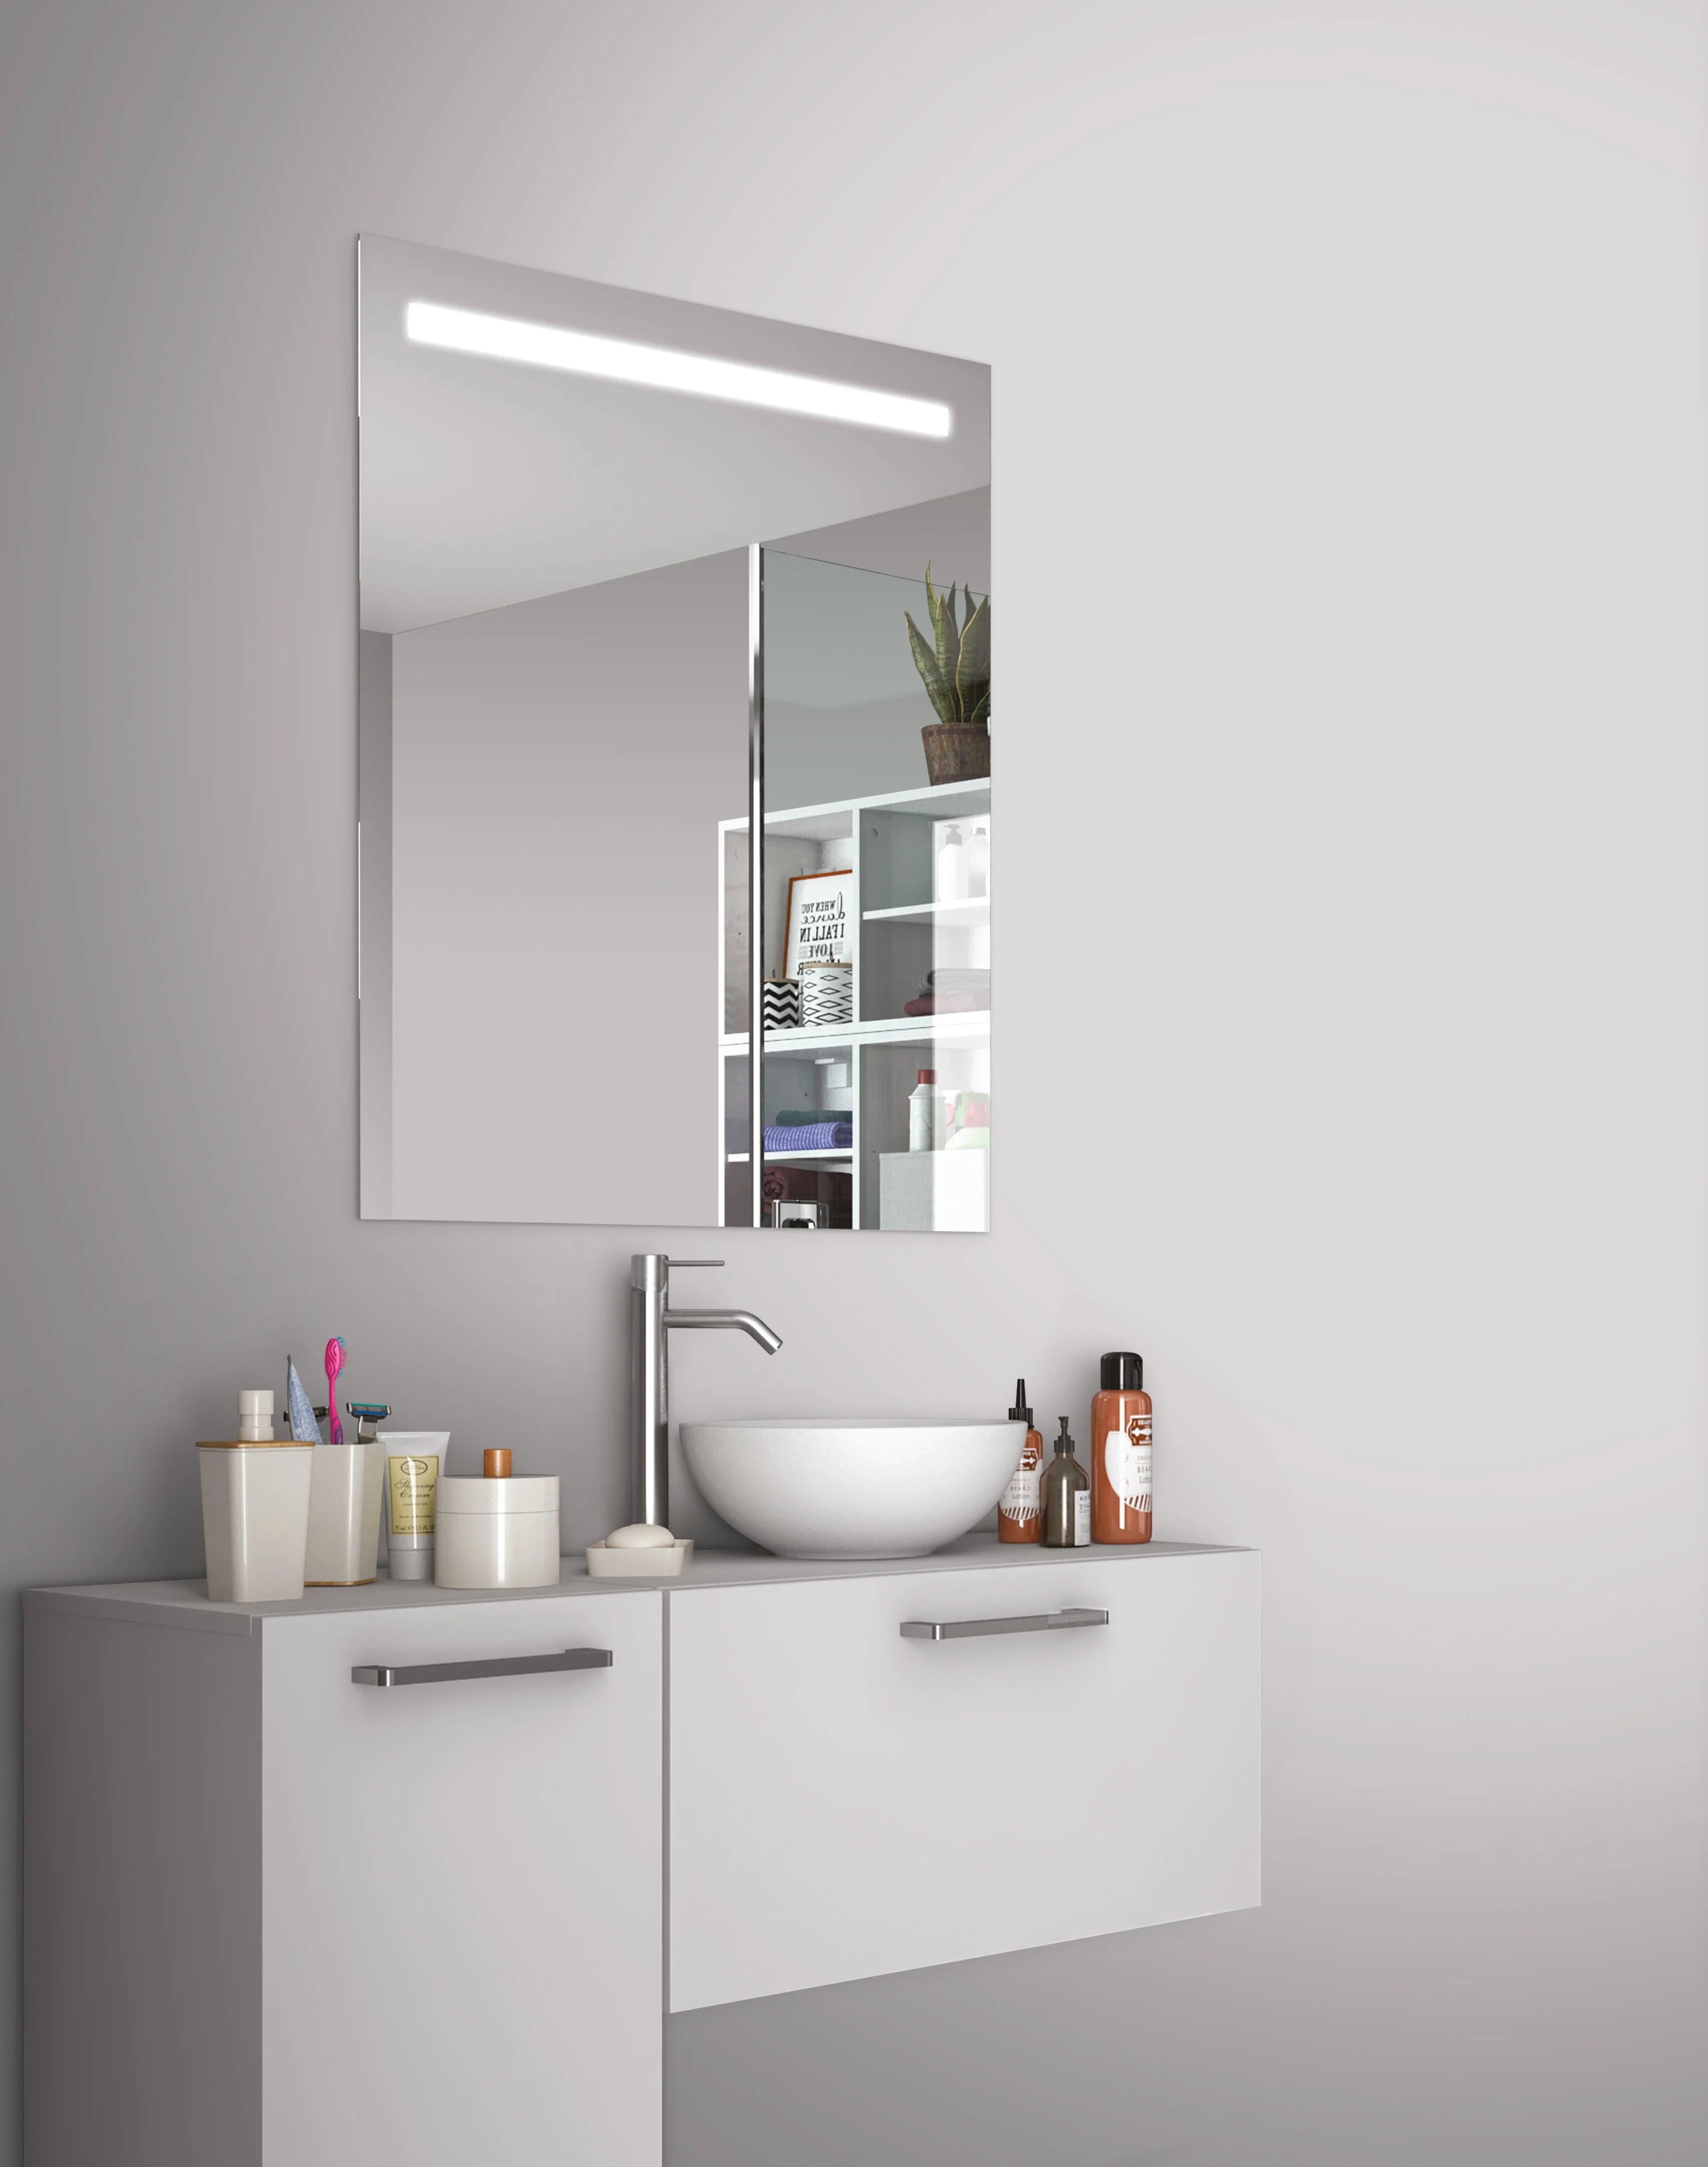 miroir lumineux avec eclairage integre l 80 x h 70 cm essential